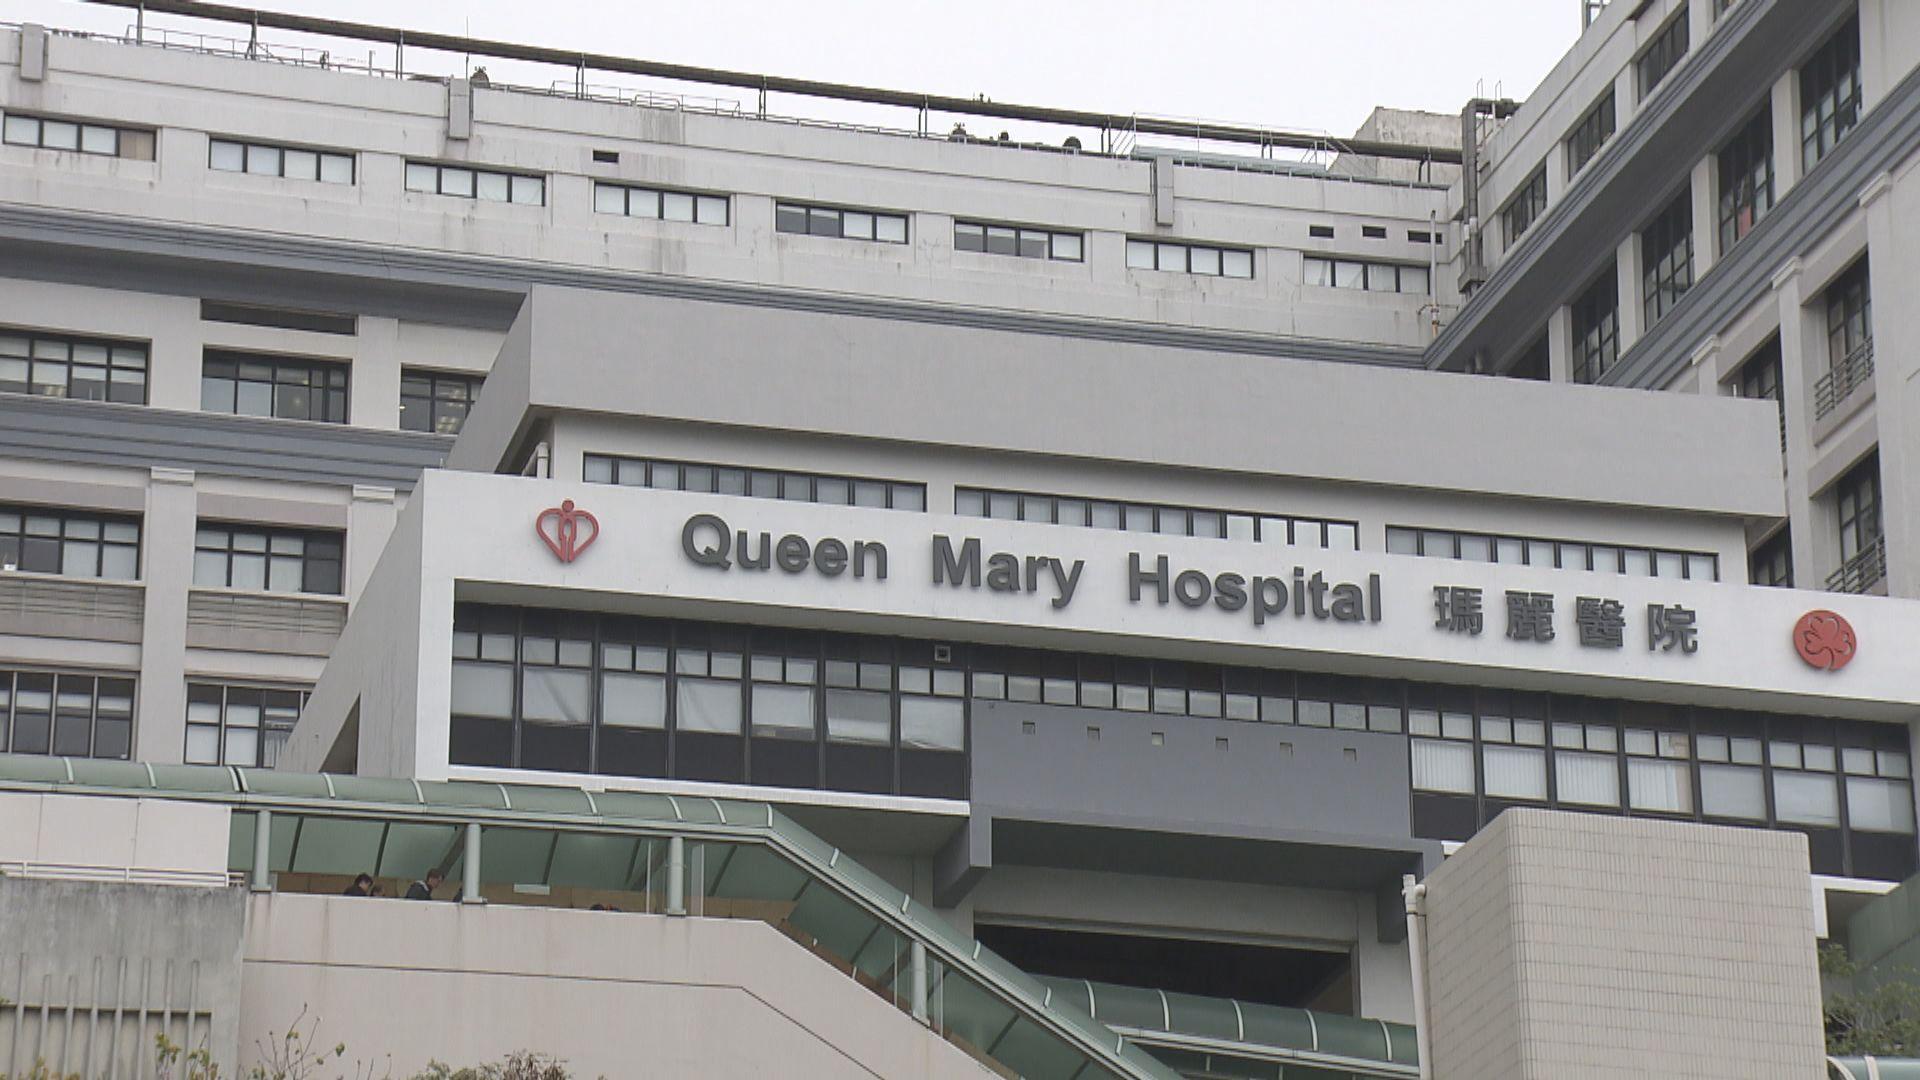 瑪麗醫院隔離病房污水渠滲漏 三人被濺中檢測陰性